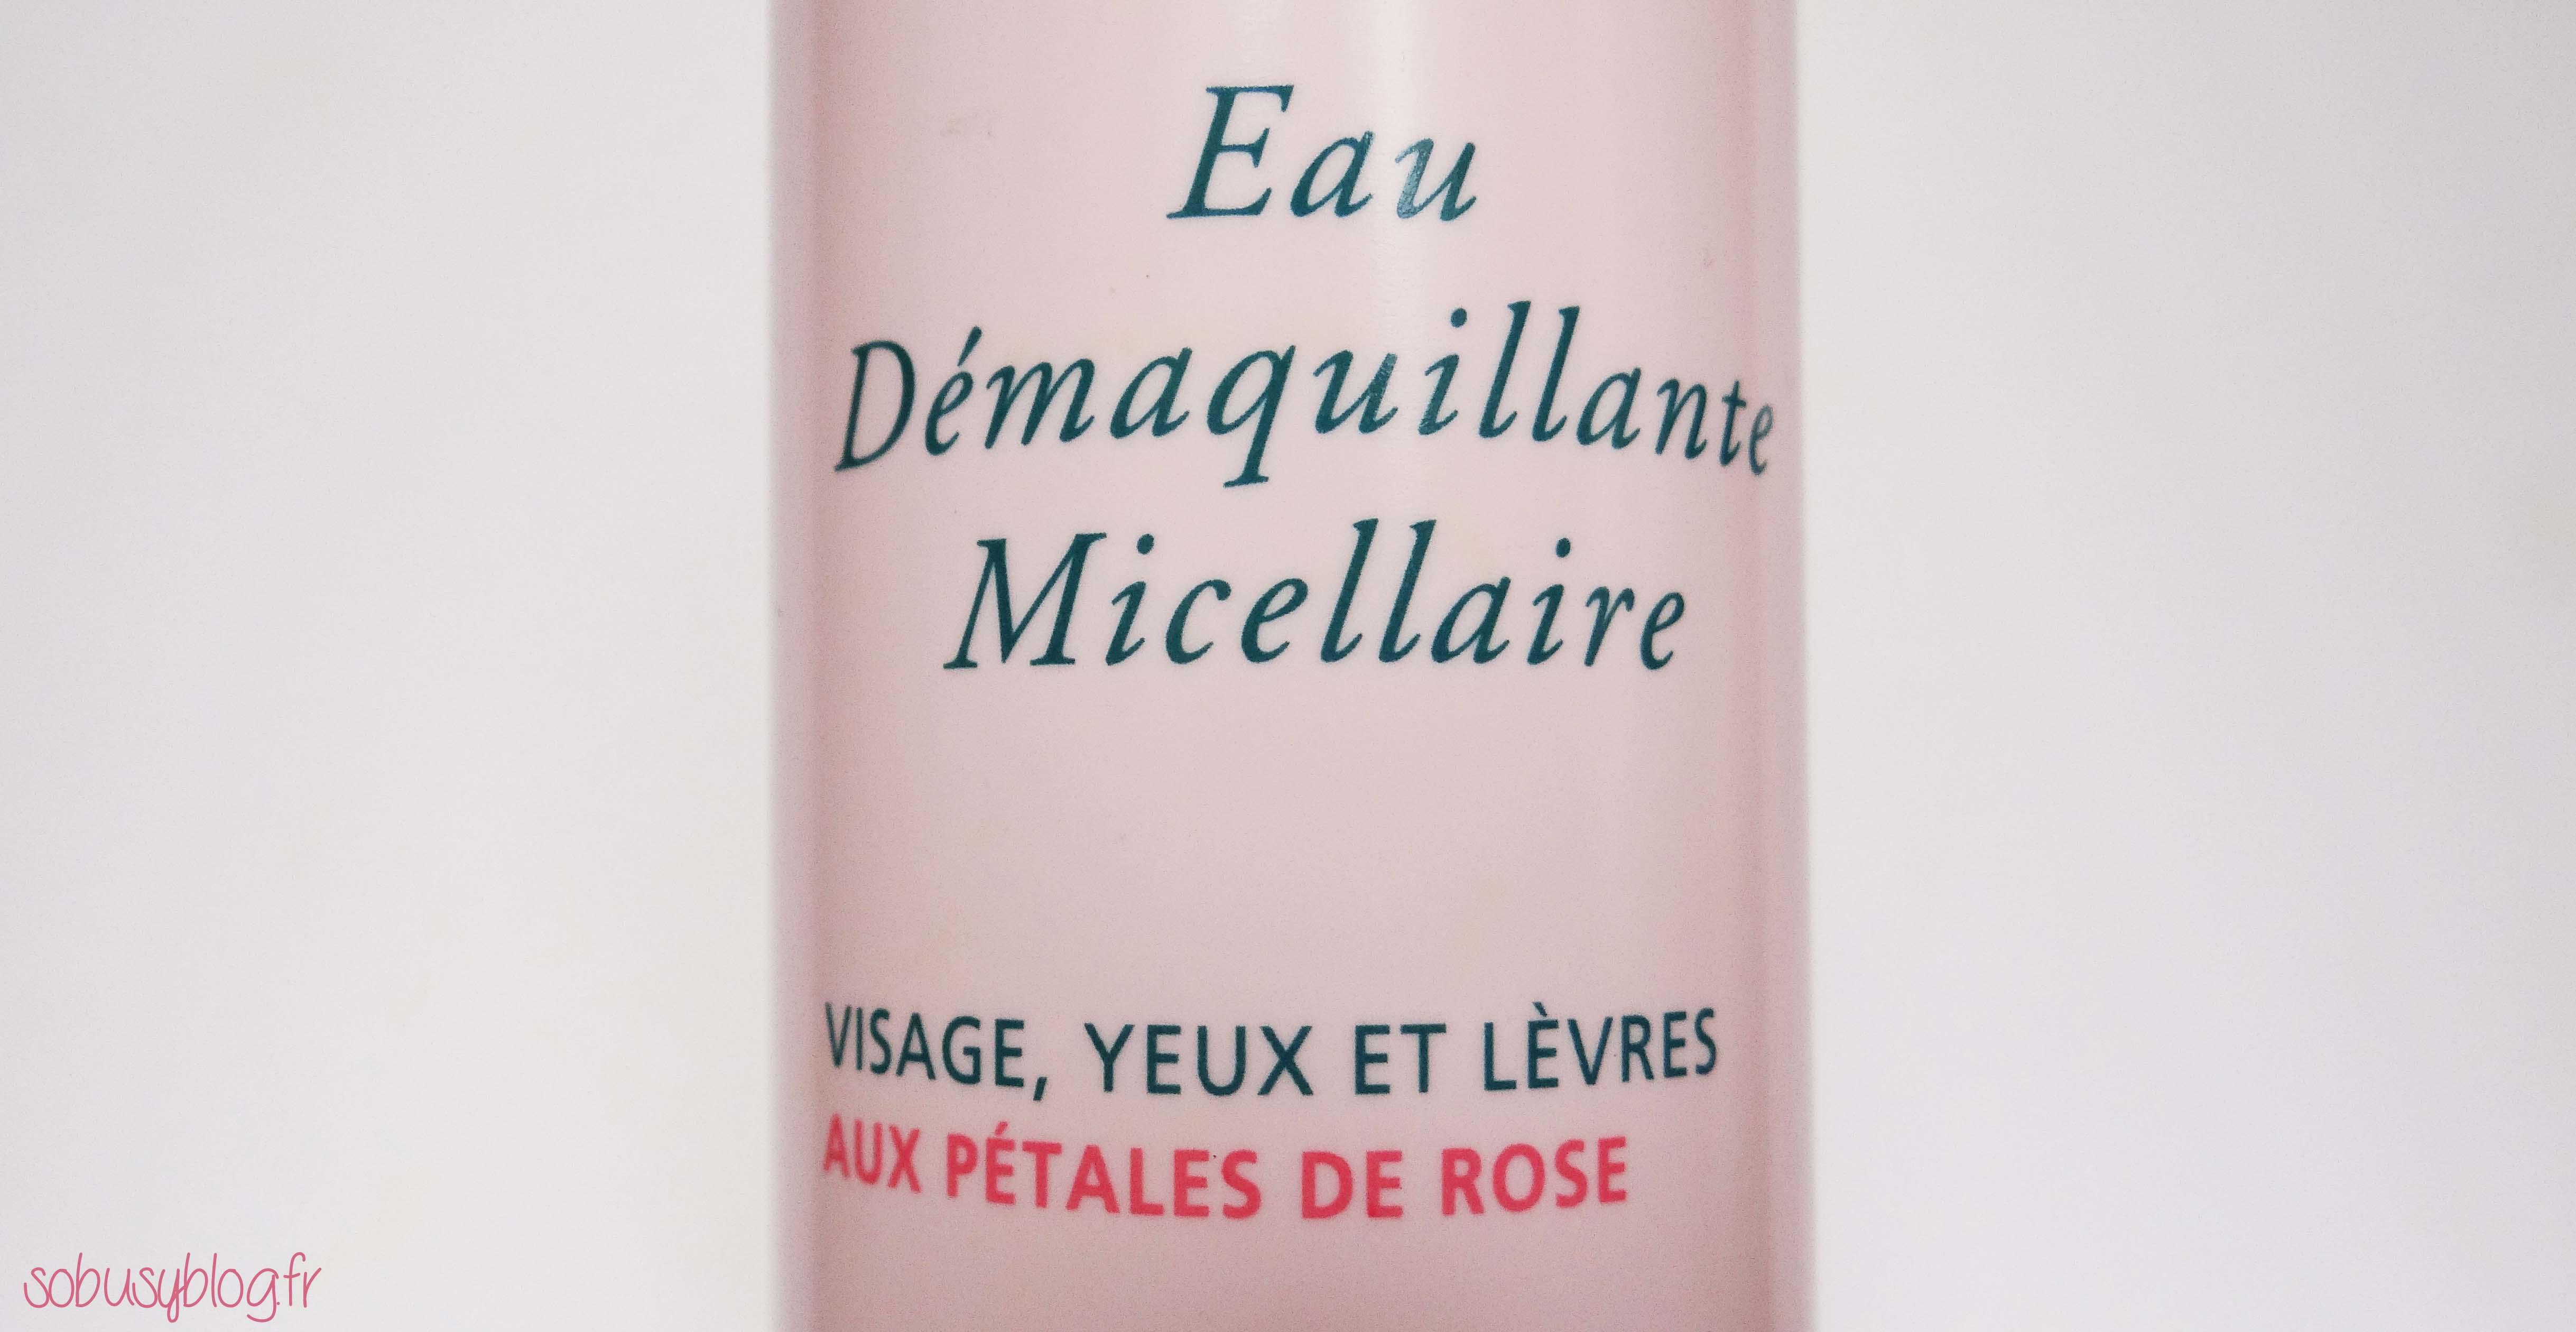 eau-demaquillante-micellaire-visage-yeux-levres-aux-petales-de-rose-nuxe